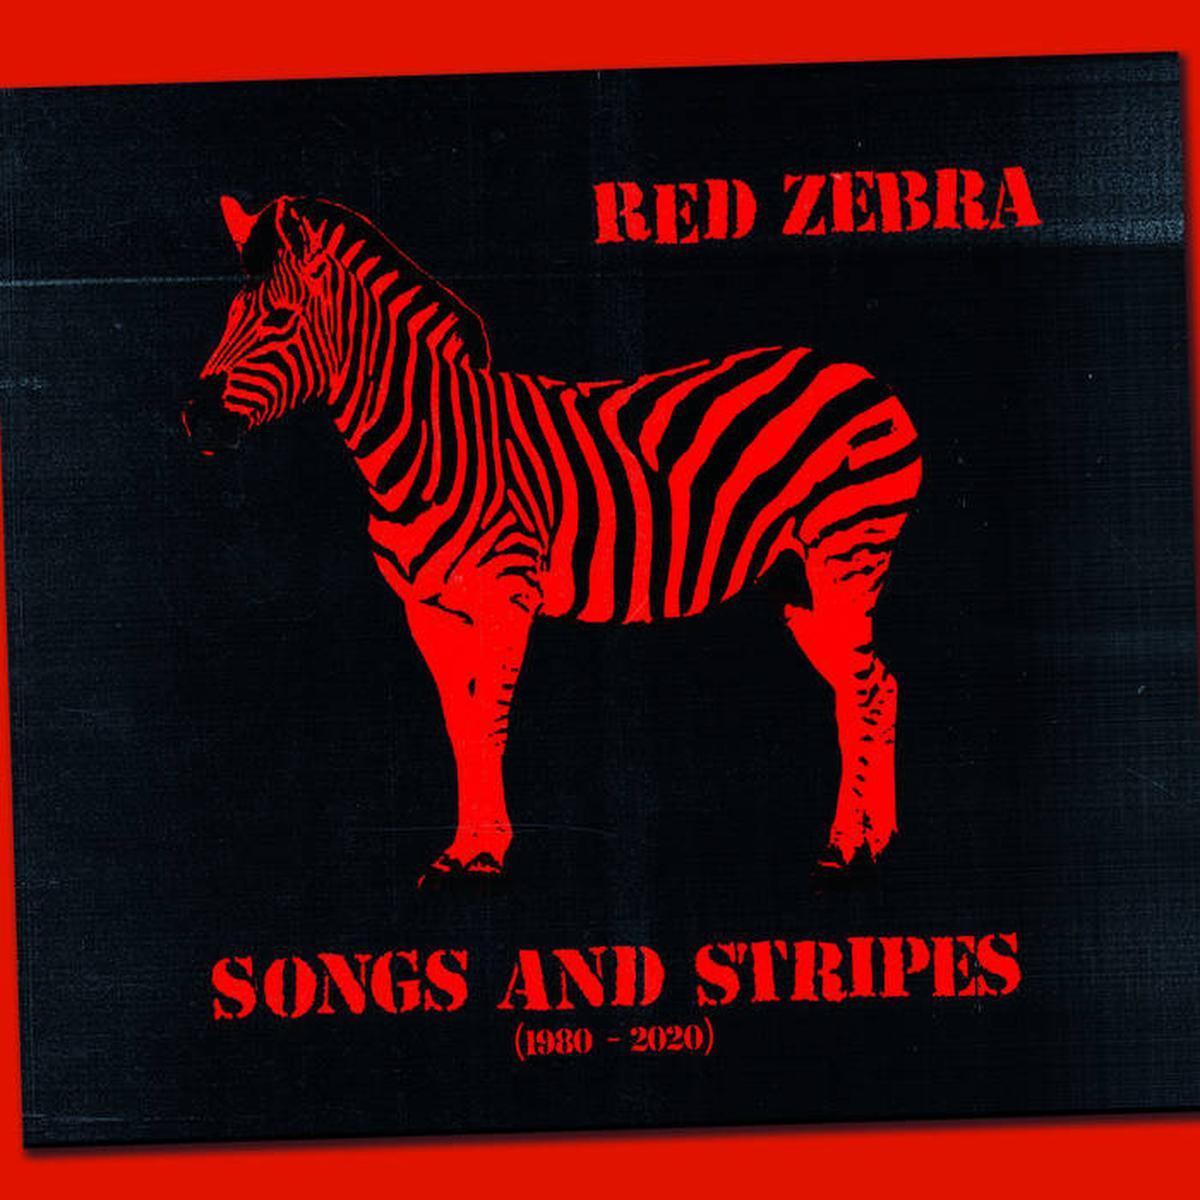 Nieuwe verzamelcd punkformatie Red Zebra met Brugse live opnames